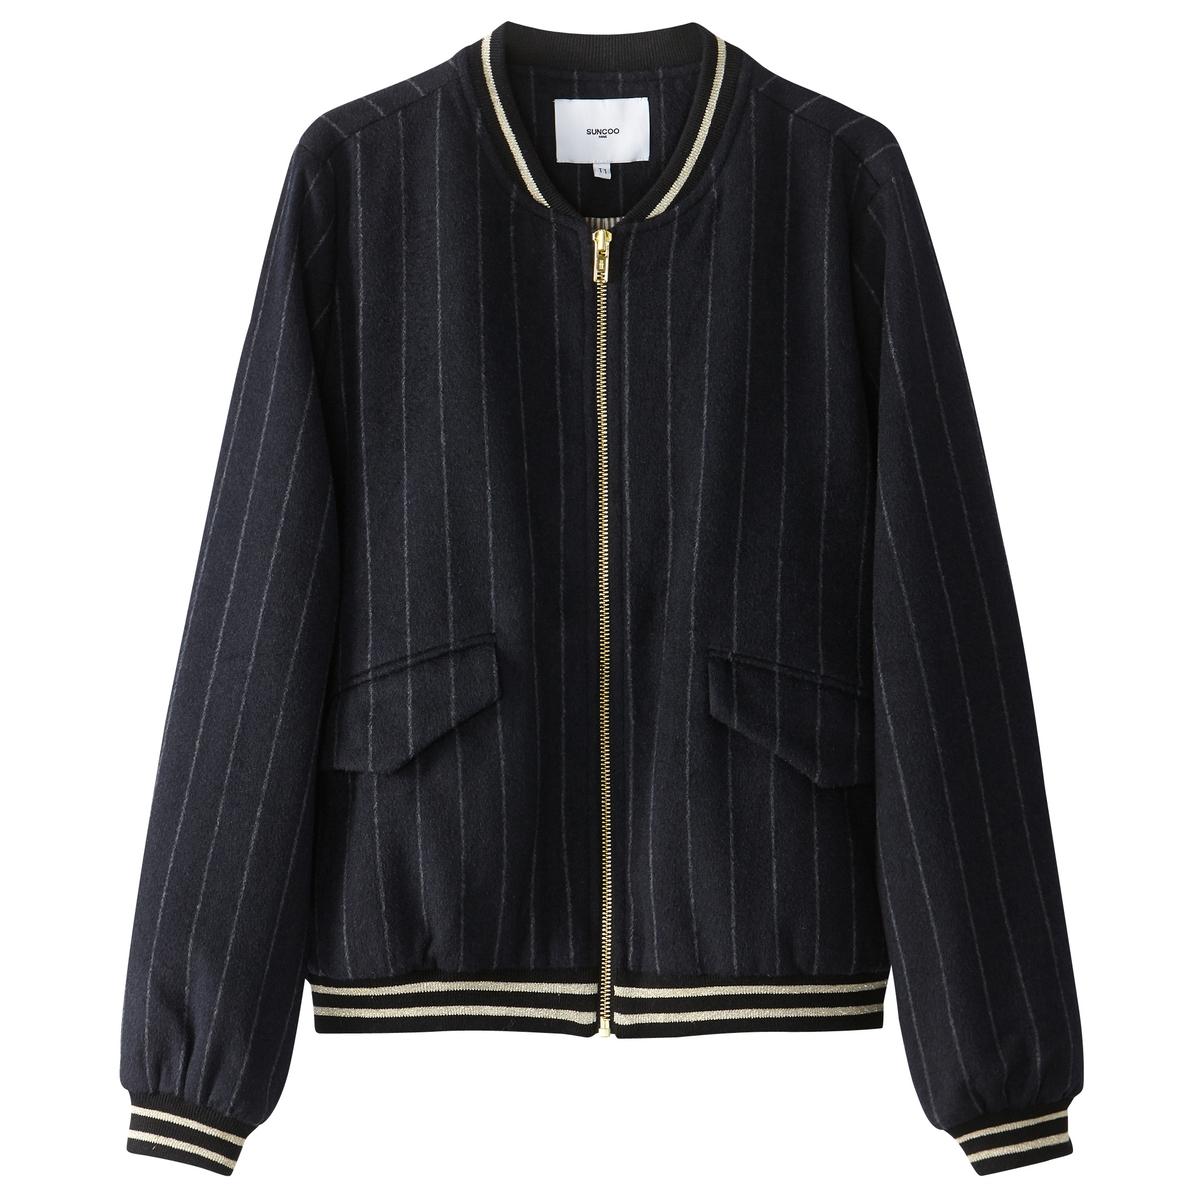 Куртка-бомбер на молнии 50% шерстиВы не устоите перед этой курткой-бомбер SUNCOO из смесовой шерсти . Роскошный и стильный принт в полоску . Круглый вырез, низ и манжеты в полоску . Карманы с клапанамиДетали •  Длина : укороченная   •  Круглый вырез •  Застежка на молниюСостав и уход •  50% шерсти, 50% полиэстера •  Подкладка : 90% хлопка, 10% эластана •  Следуйте рекомендациям по уходу, указанным на этикетке изделия<br><br>Цвет: в полоску темно-синий/белый<br>Размер: M